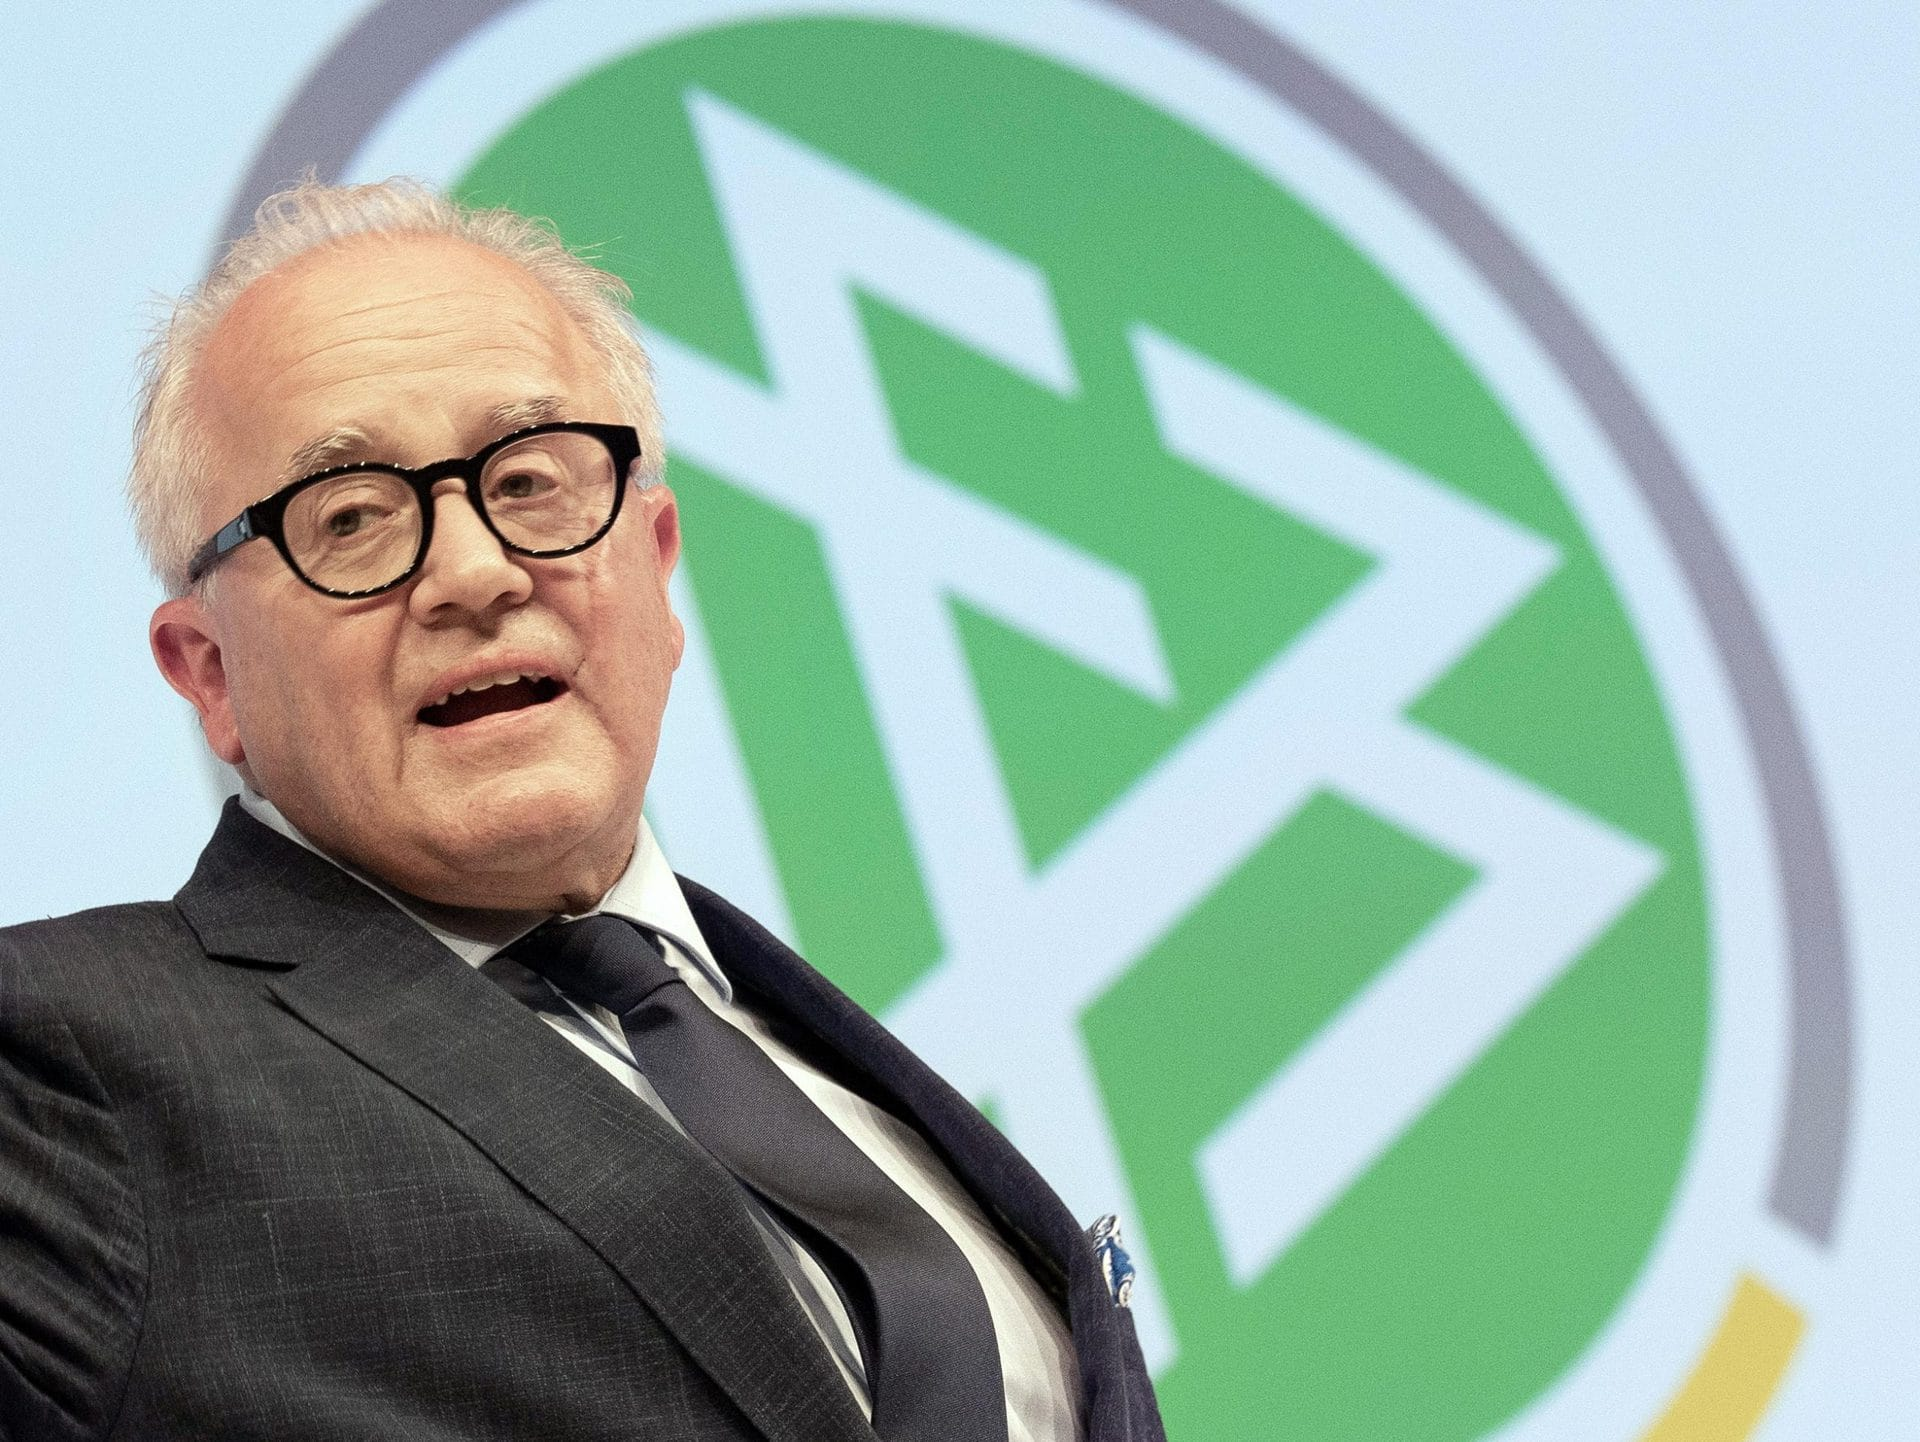 Kellers Rücktritt mit harscher Kritik an DFB-Widersachern Nach Nazi-Äußerung